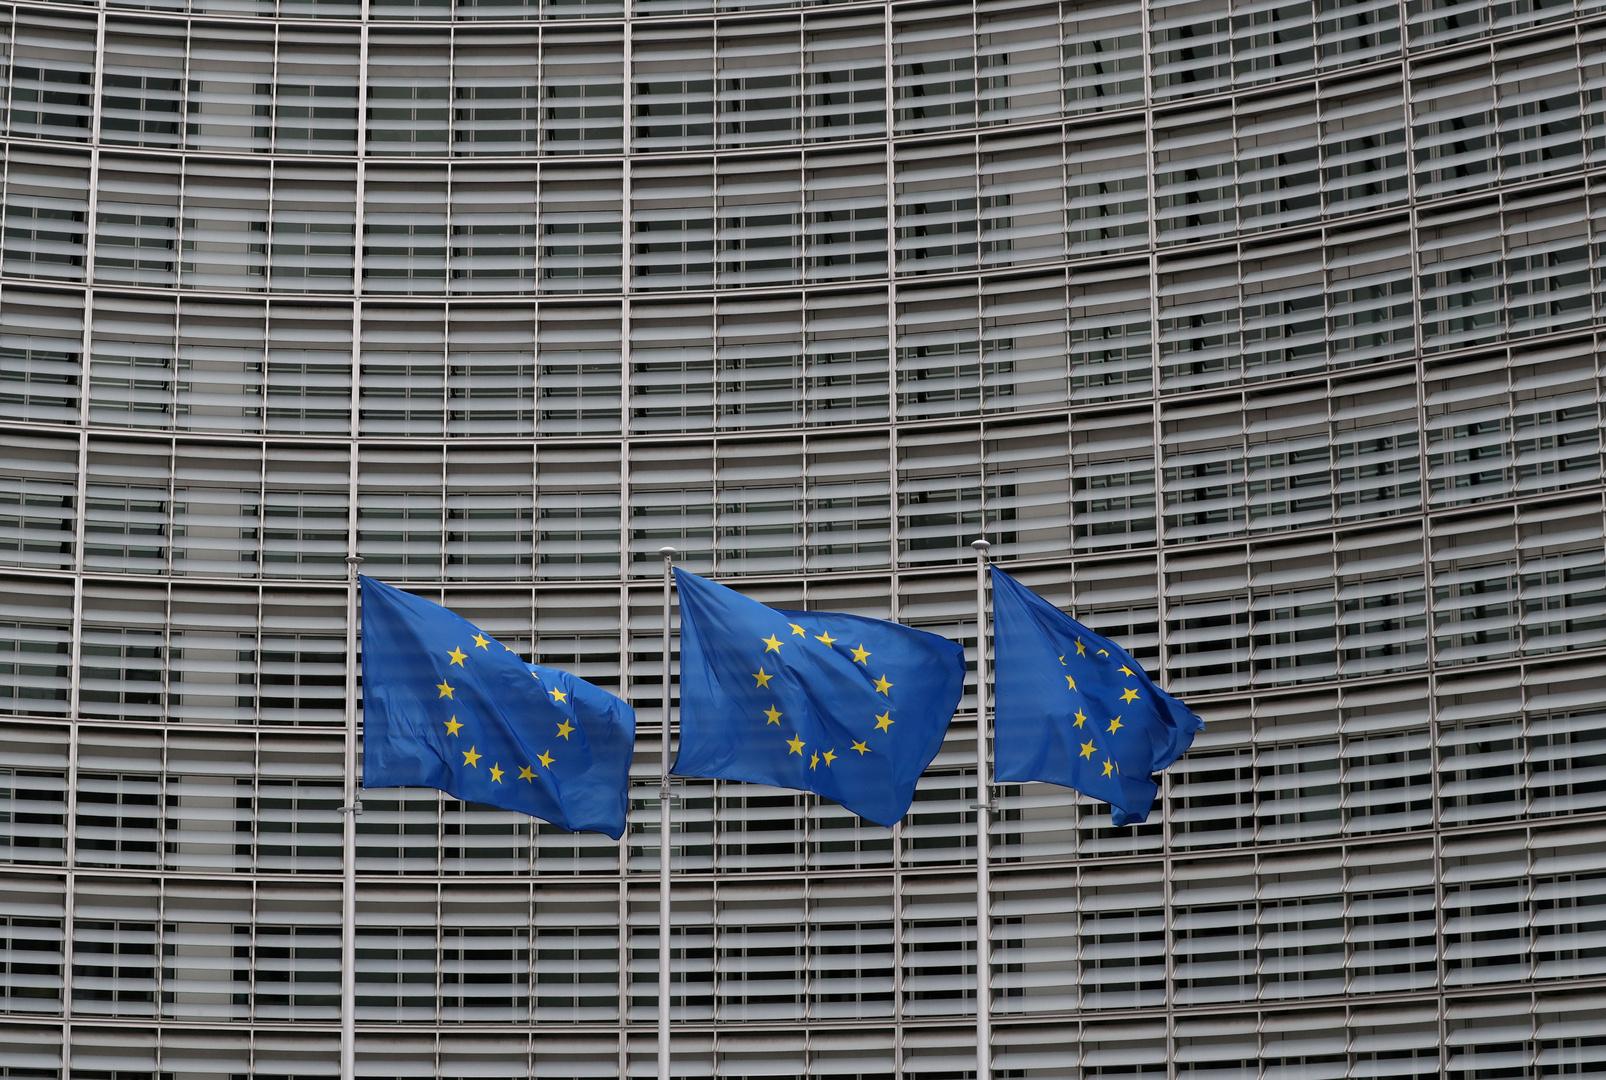 الاتحاد الأوروبي يفرض عقوبات ضد 11 شخصا بينهم روس وصينيون